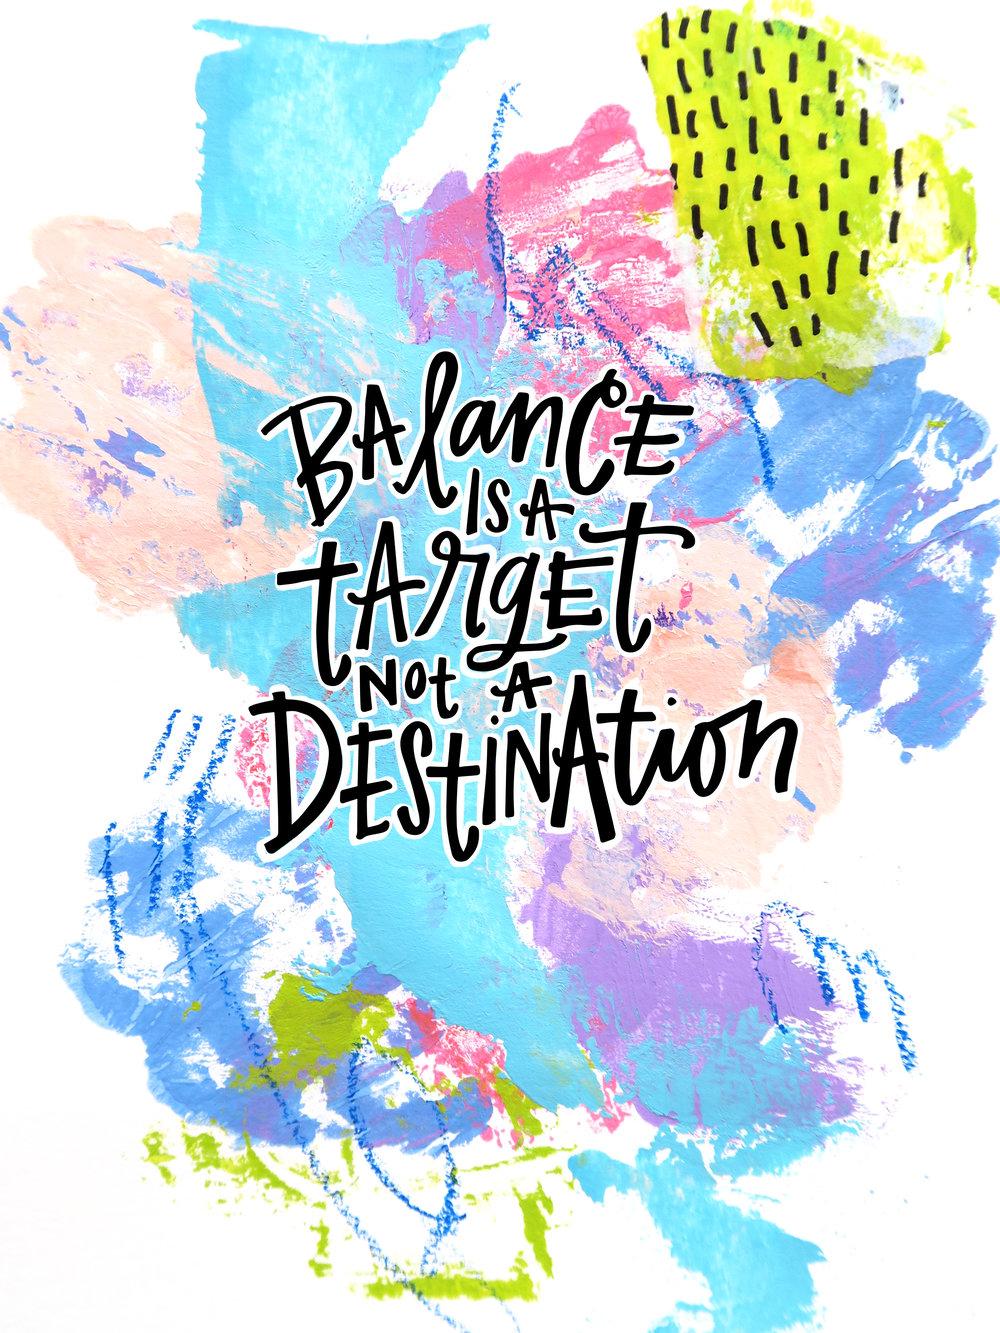 7/22/16: Balance